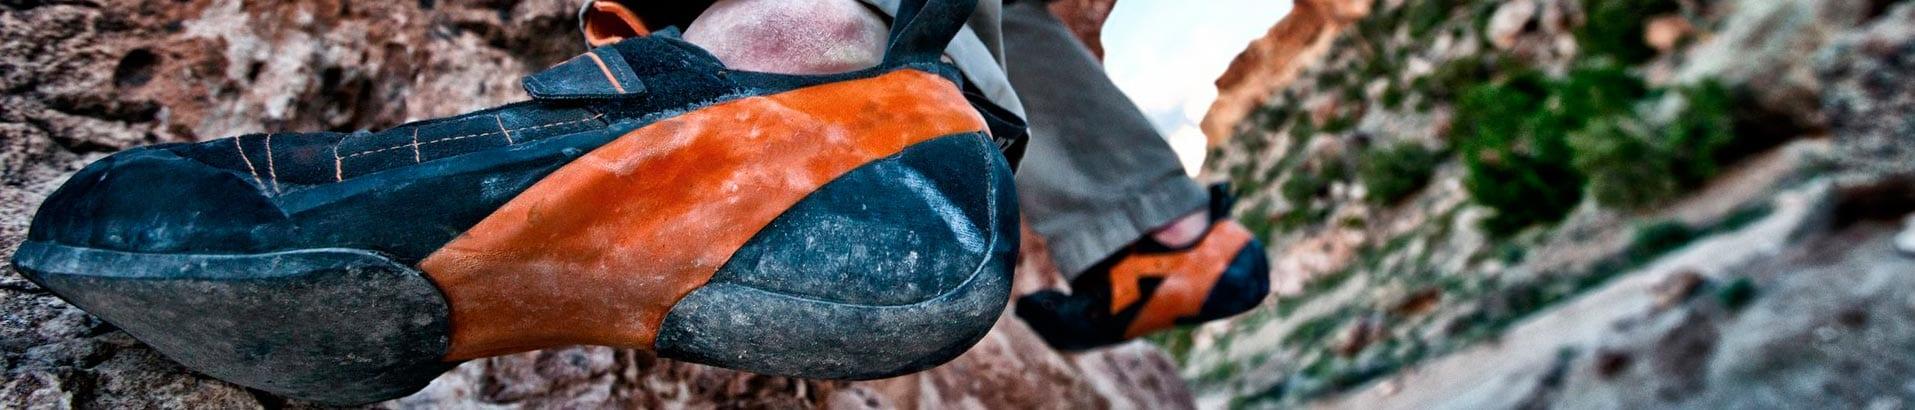 Мы познакомимся с различными скальными туфлями, которые нужно подбирать под свои задачи